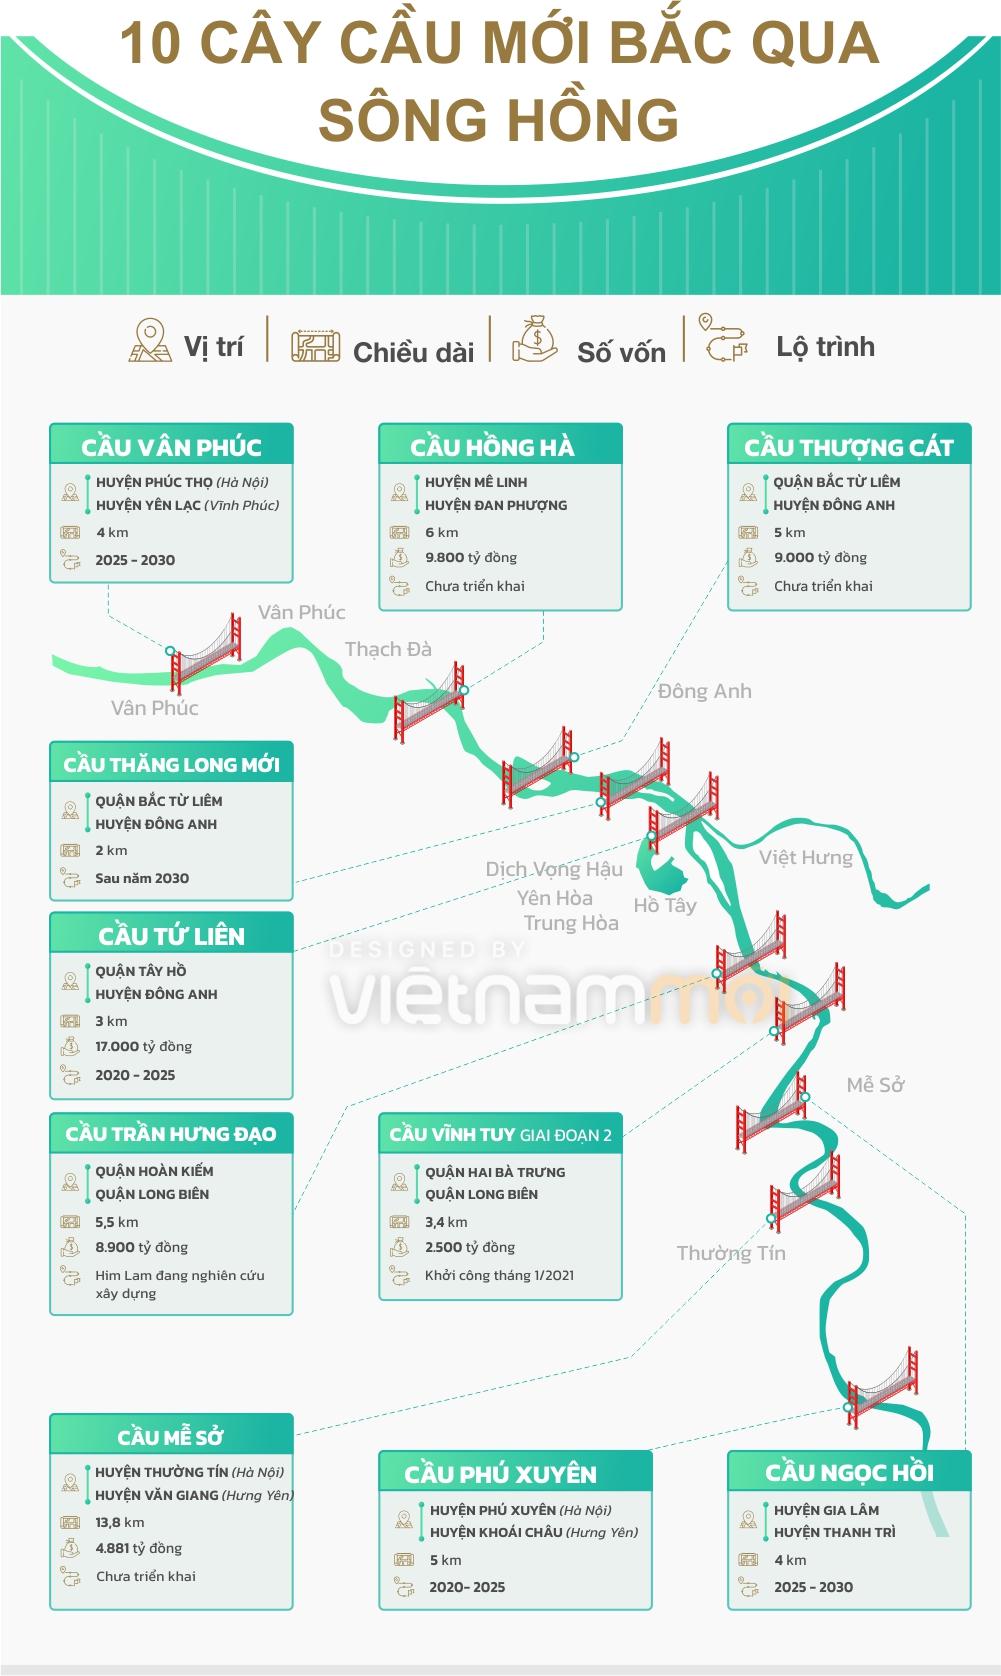 [Infographic] Ngoài cầu Trần Hưng Đạo, Hà Nội sẽ xây thêm bao nhiêu cầu vượt sông Hồng? - Ảnh 5.